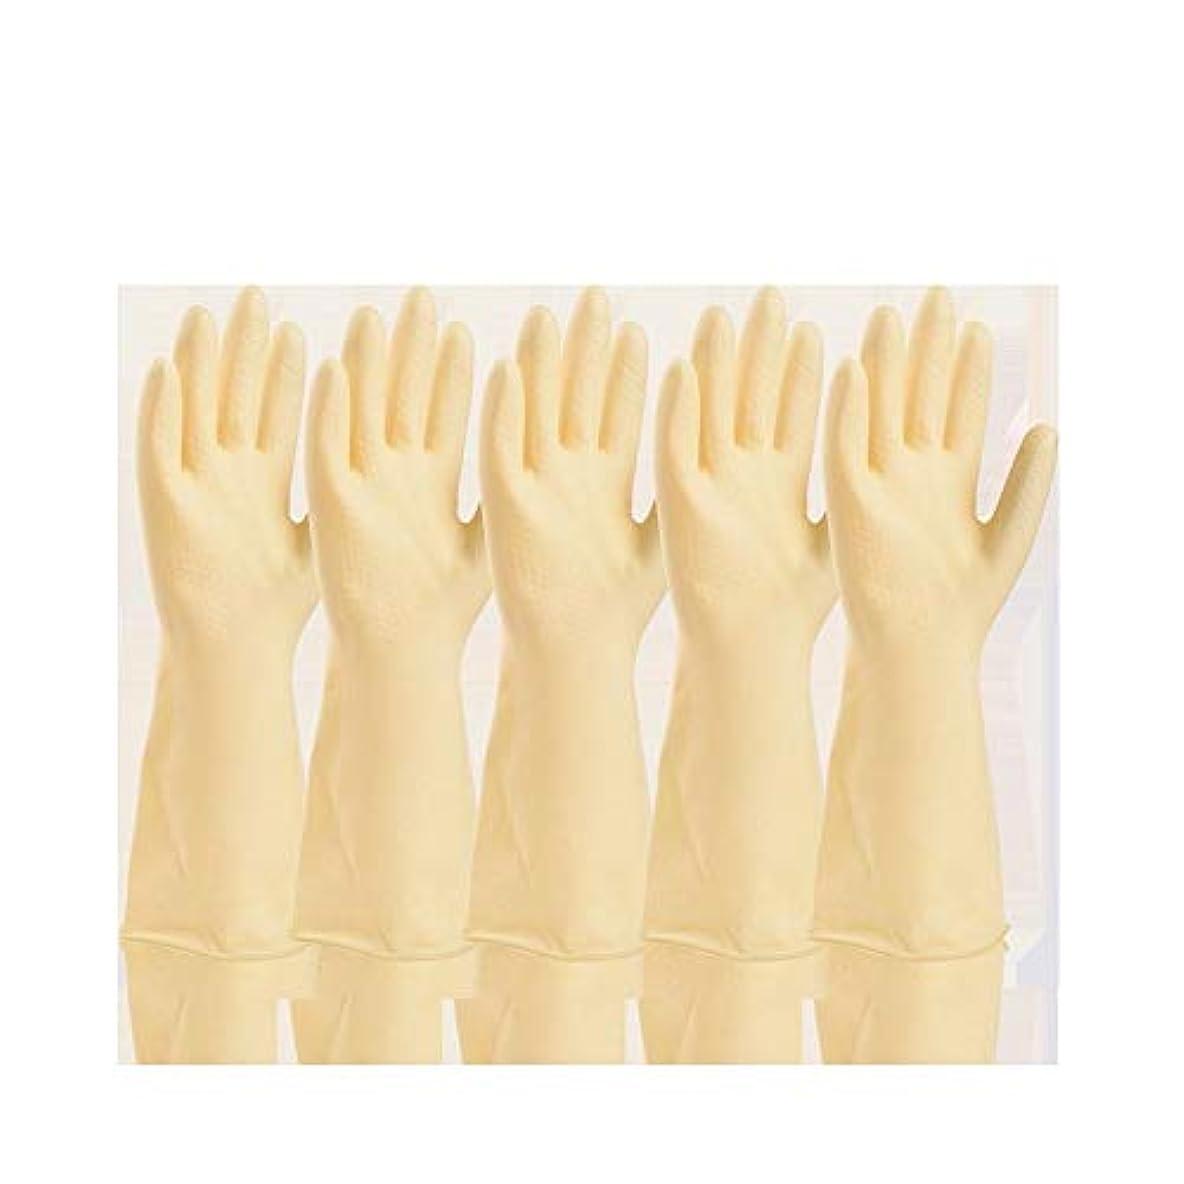 パネル時間とともに重さ使い捨て手袋 工業用手袋厚手のプラスチック製保護用耐水性防水ラテックス手袋、5ペア ニトリルゴム手袋 (Color : White, Size : S)